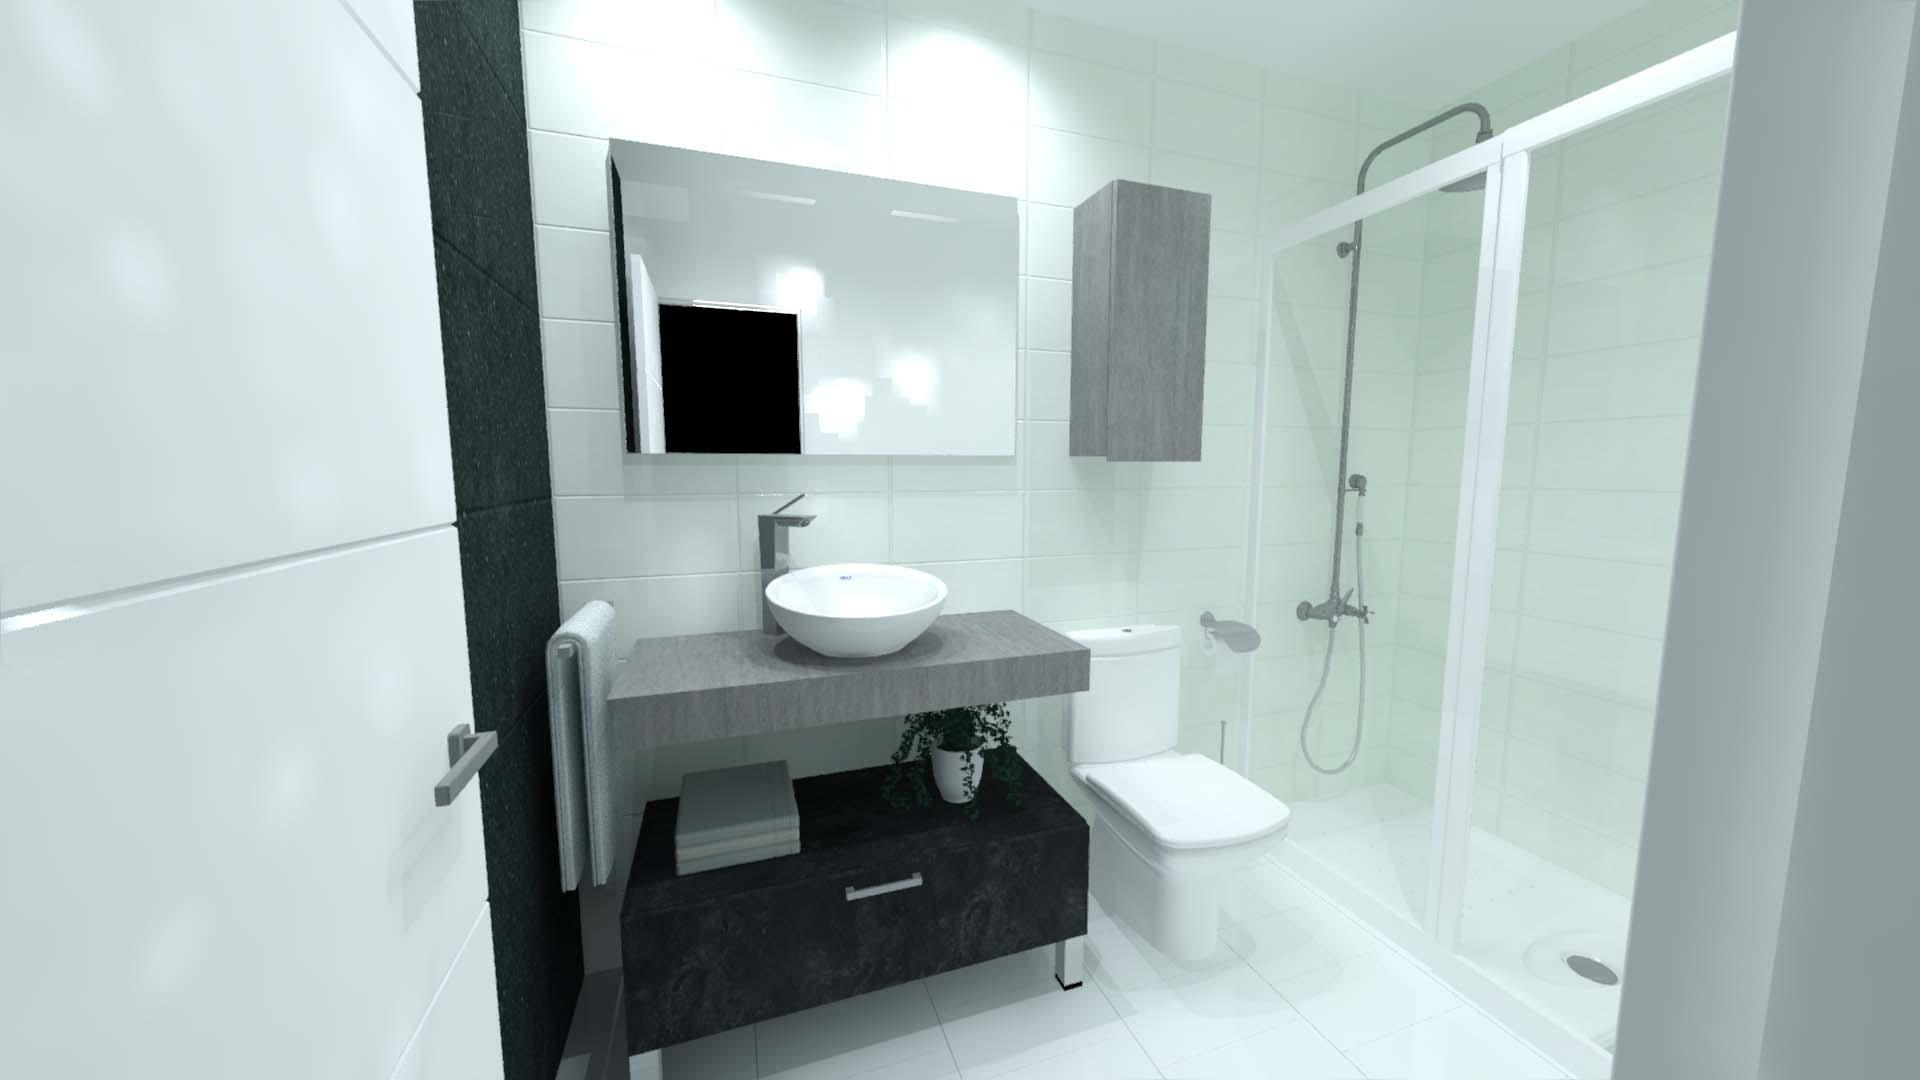 Ba o con encimera ingletada y lavabo sobre encimera arnit - Encimeras lavabos bano ...